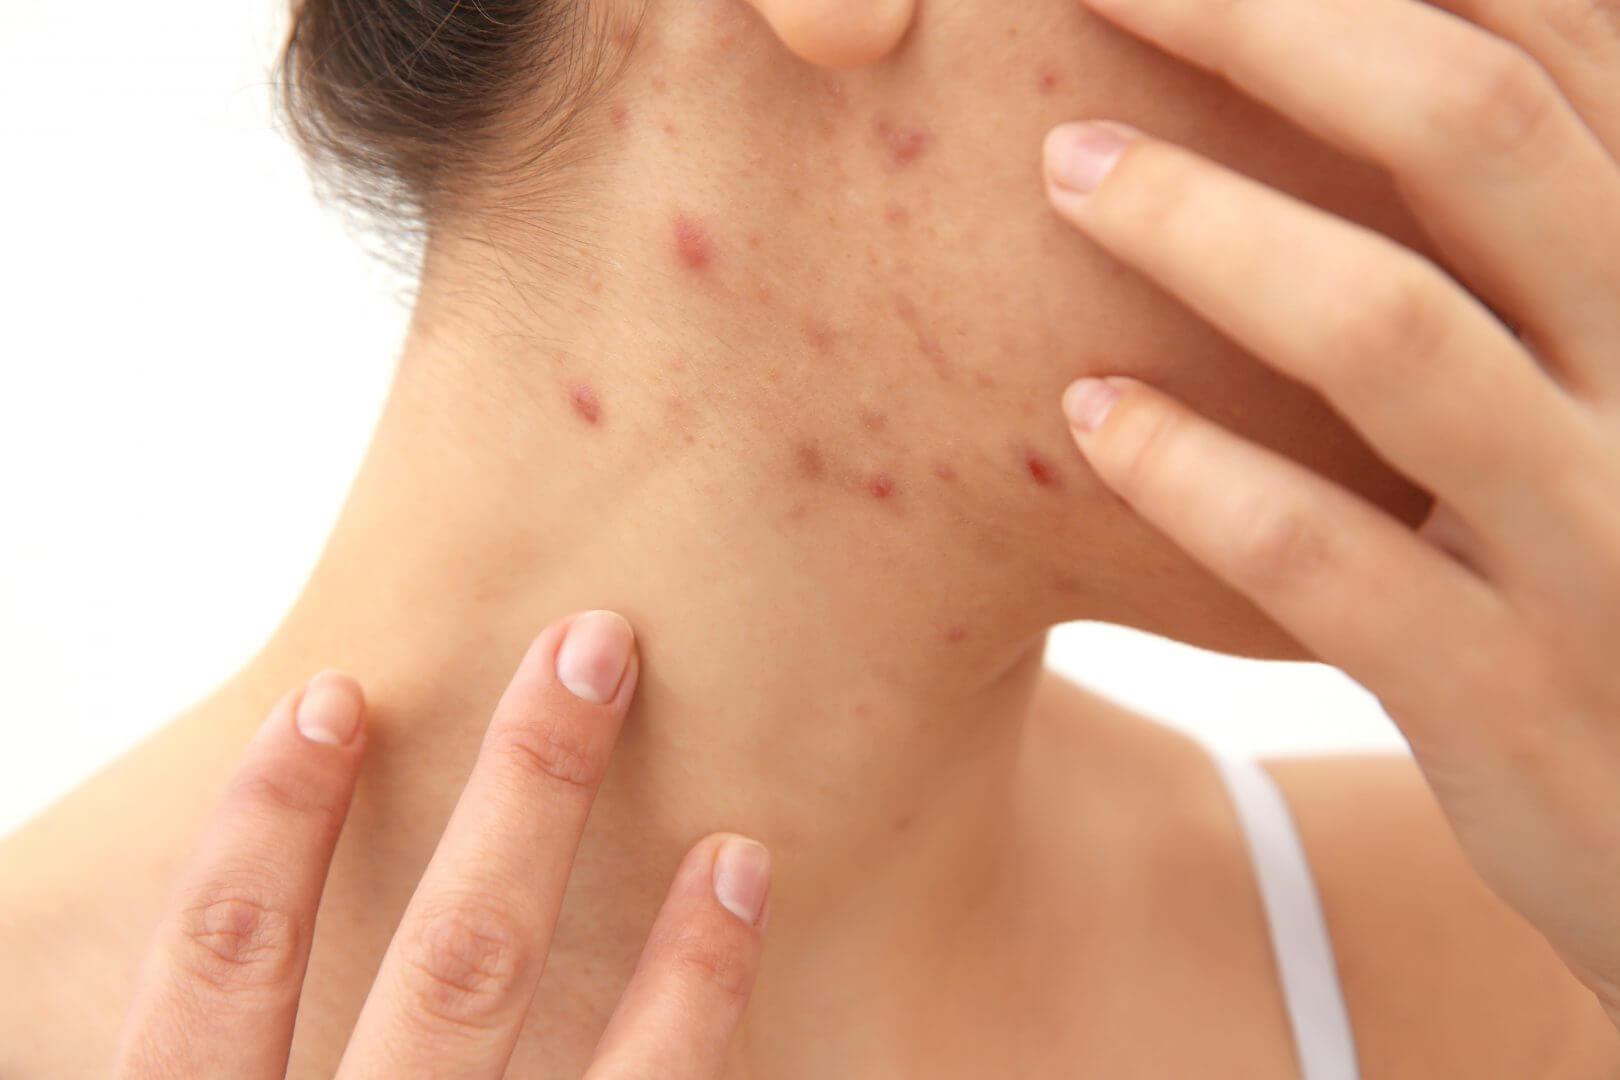 røde mærker i huden